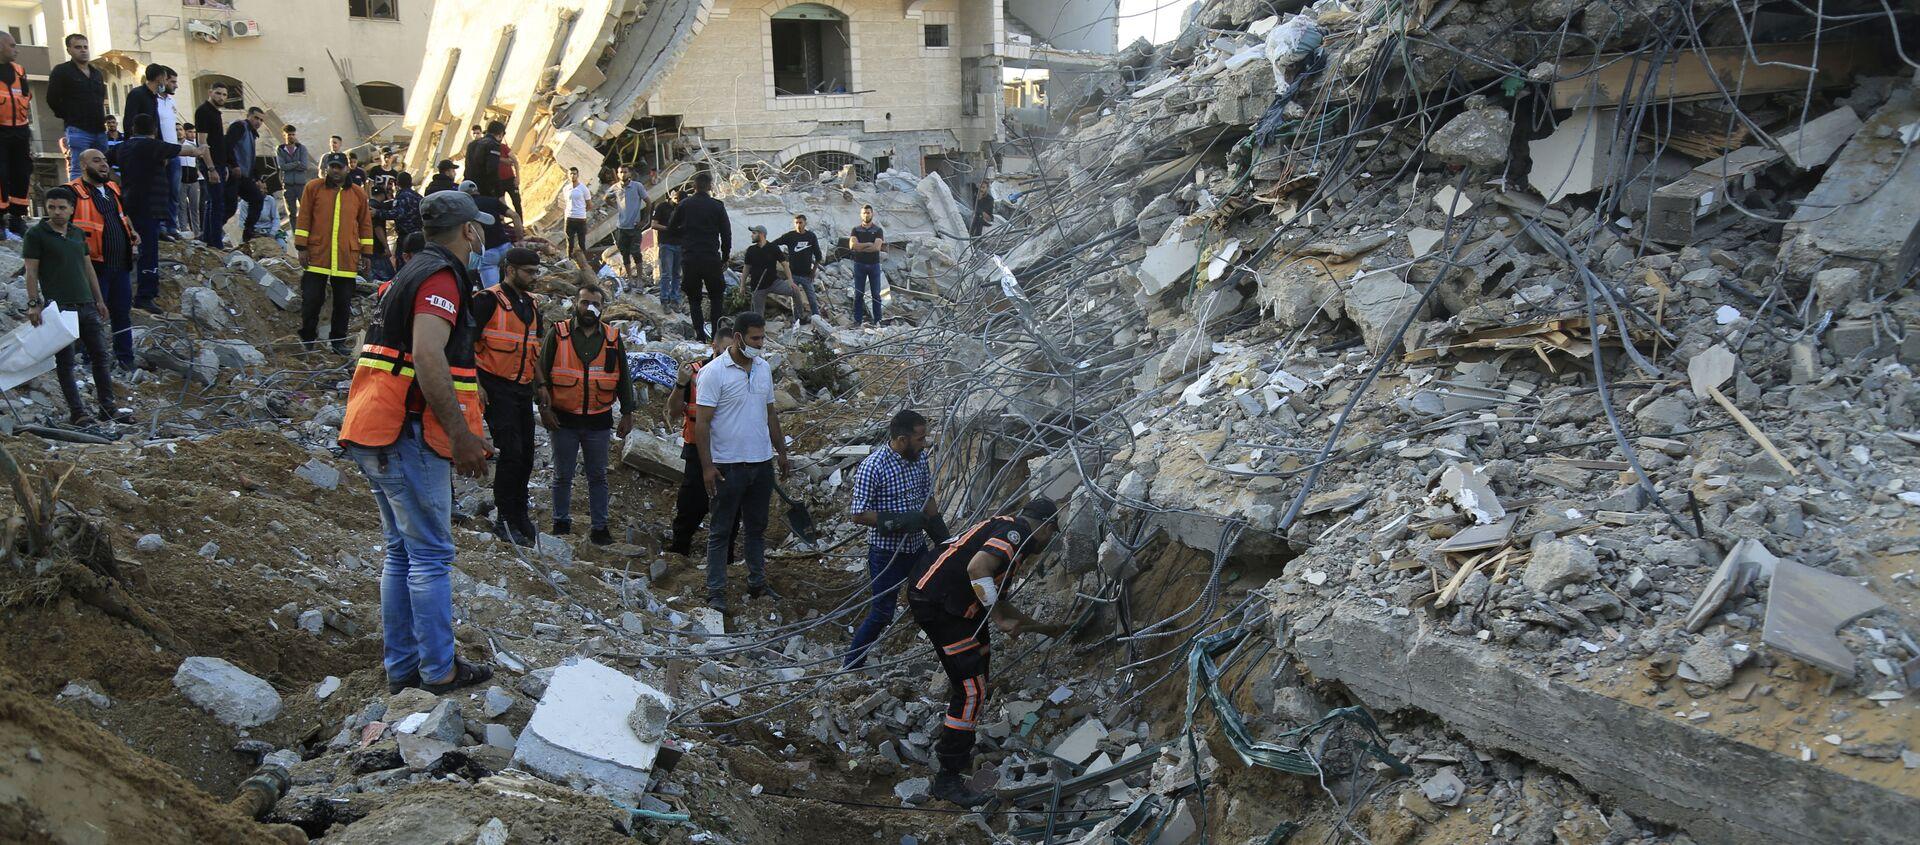 Dom na północy Strefy Gazy zniszczony w izraelskim nalocie. - Sputnik Polska, 1920, 16.05.2021